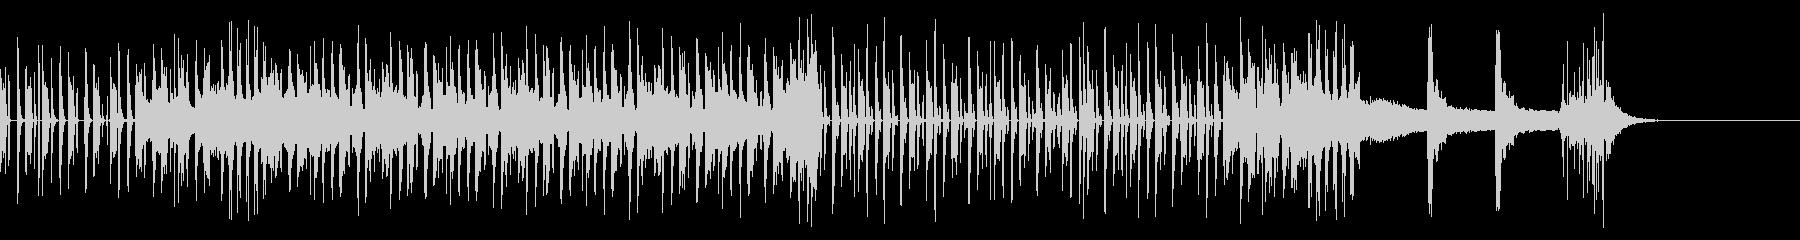 コミカルとシリアスを併せ持つドラムンの未再生の波形